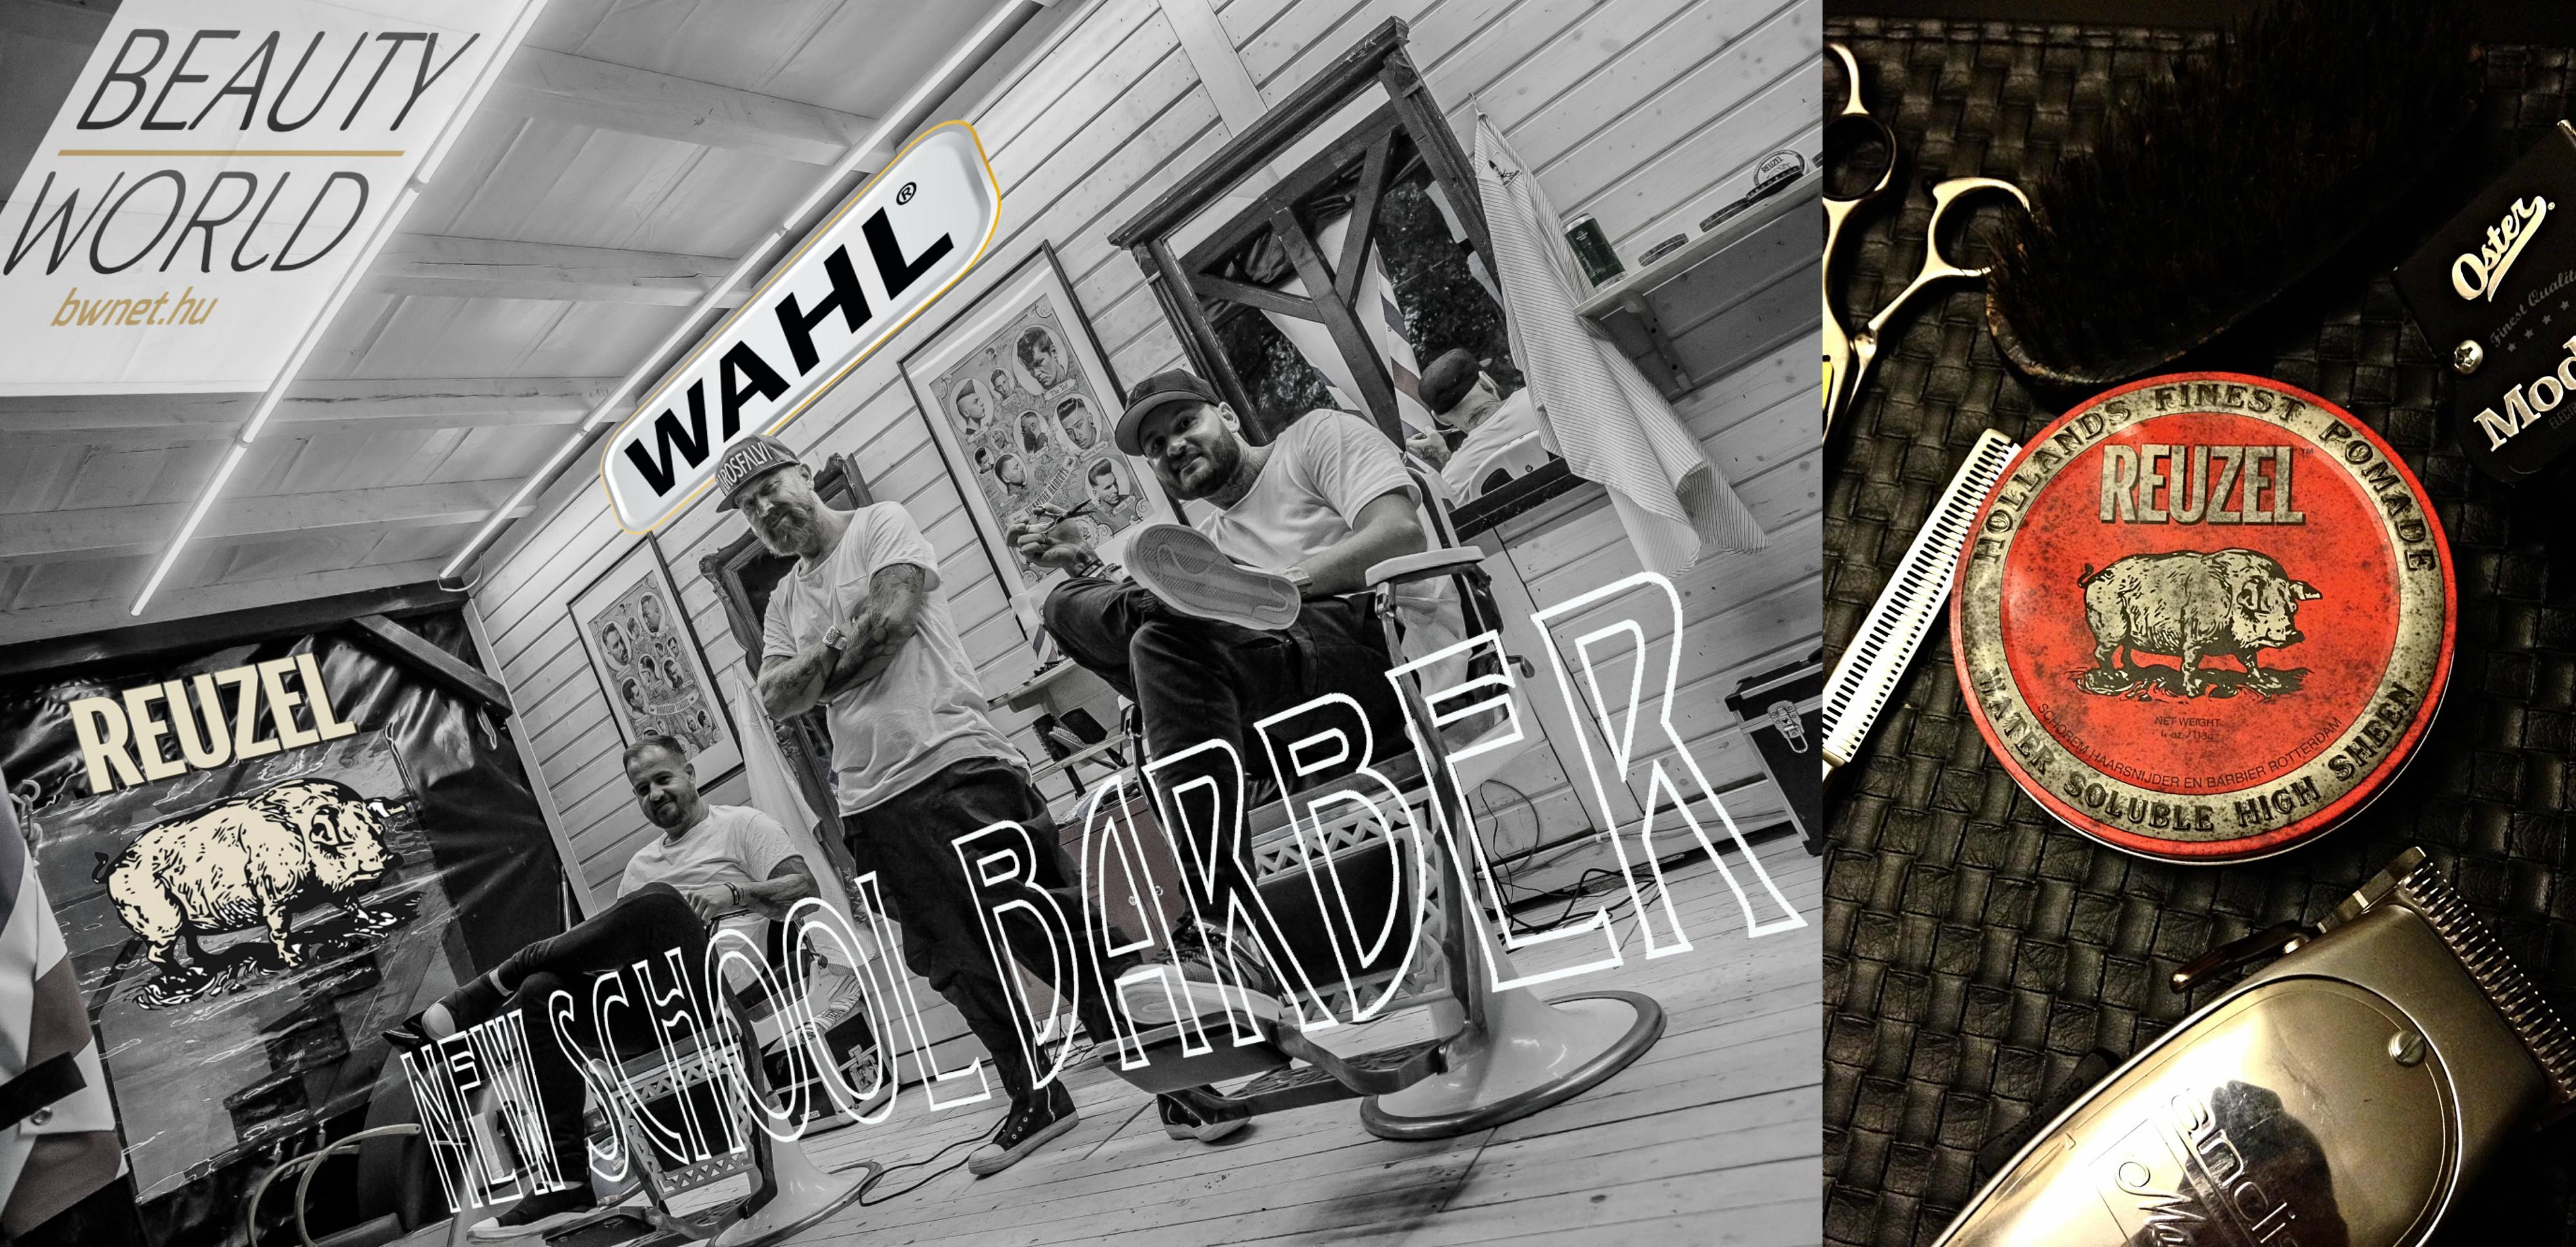 Többet szeretnél adni a férfi vendégeidnek?<br /> Meg ismernéd a modern férfi hajvágás titkait?<br /> Bővítenéd tudásod a népszerűI barber szolgáltatások területén?<br /> <br /> 2017. november 13-án a New School Barber képzésen a helyed!